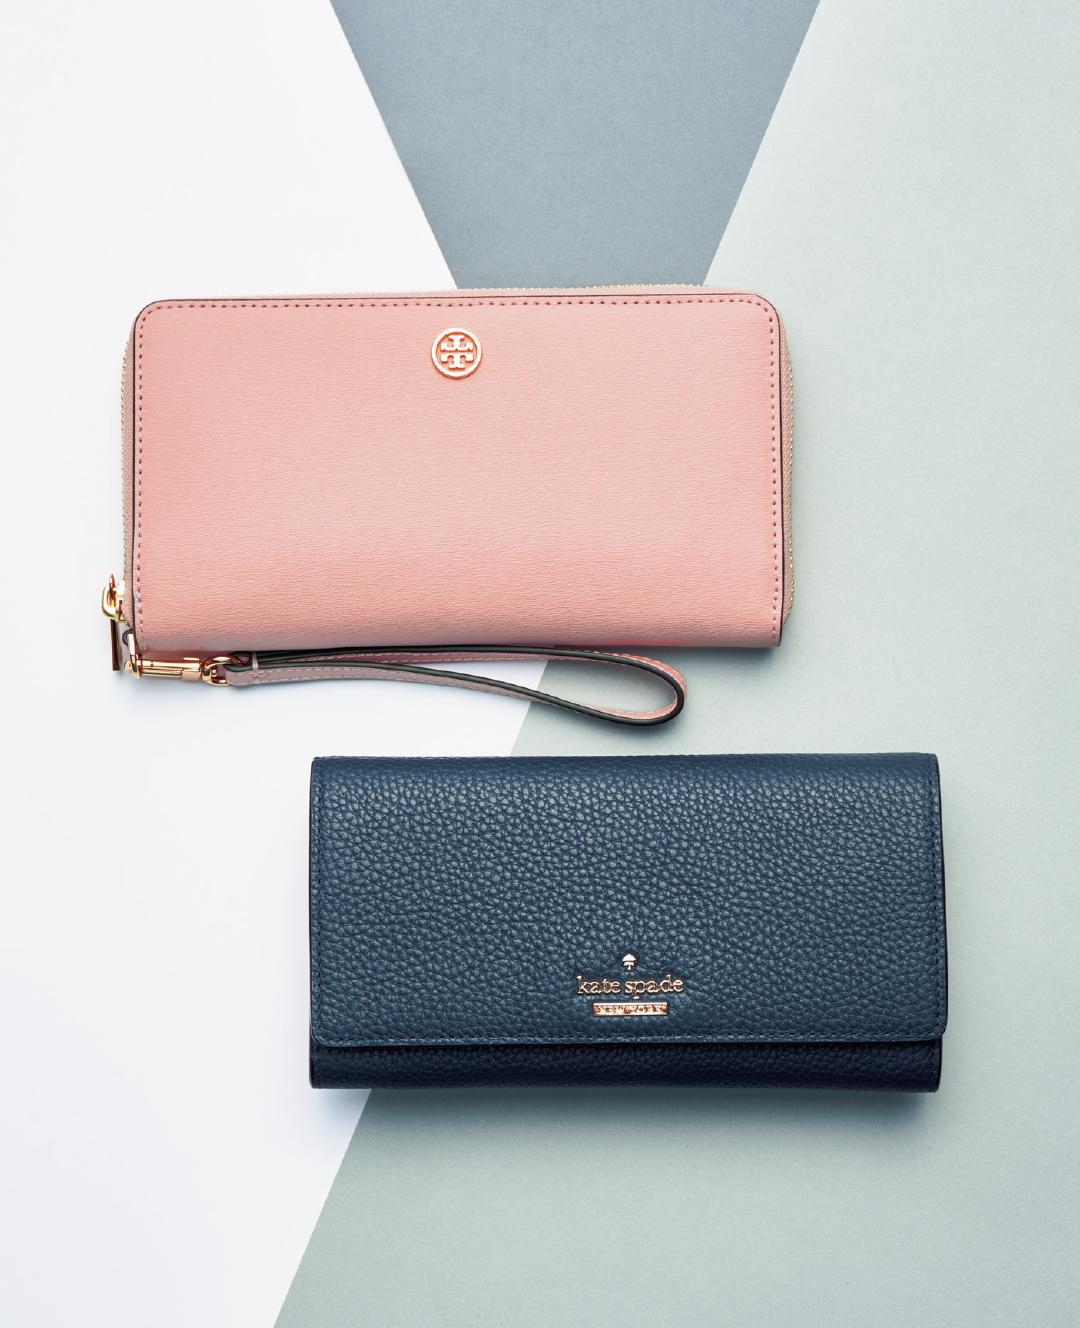 来年のお財布はコレに決めた! ケイトスペード&トリーバーチ新作♡ _1_1